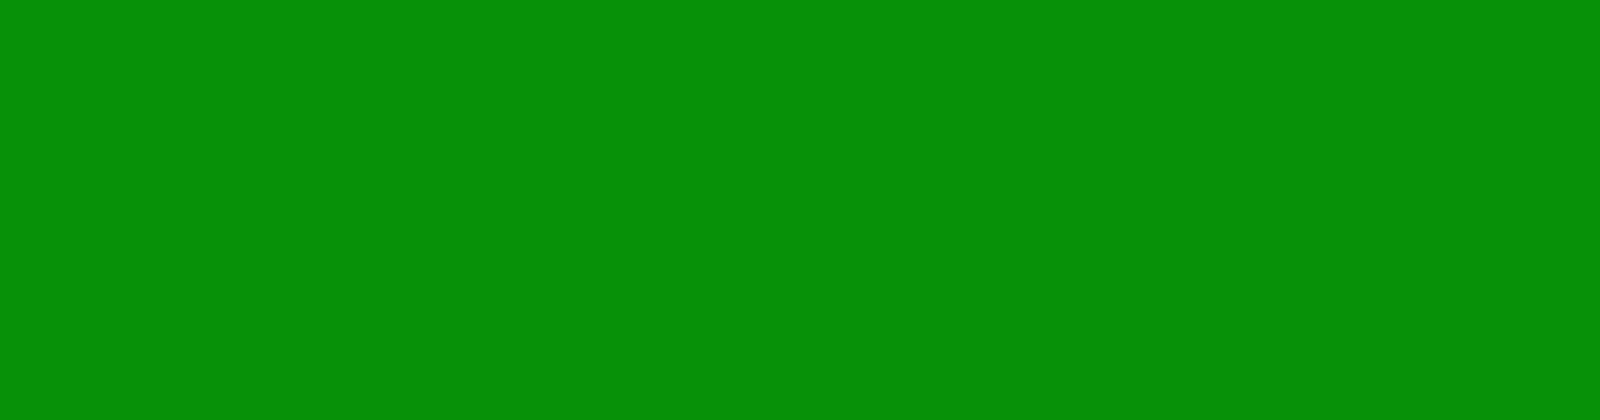 Green Block Divider